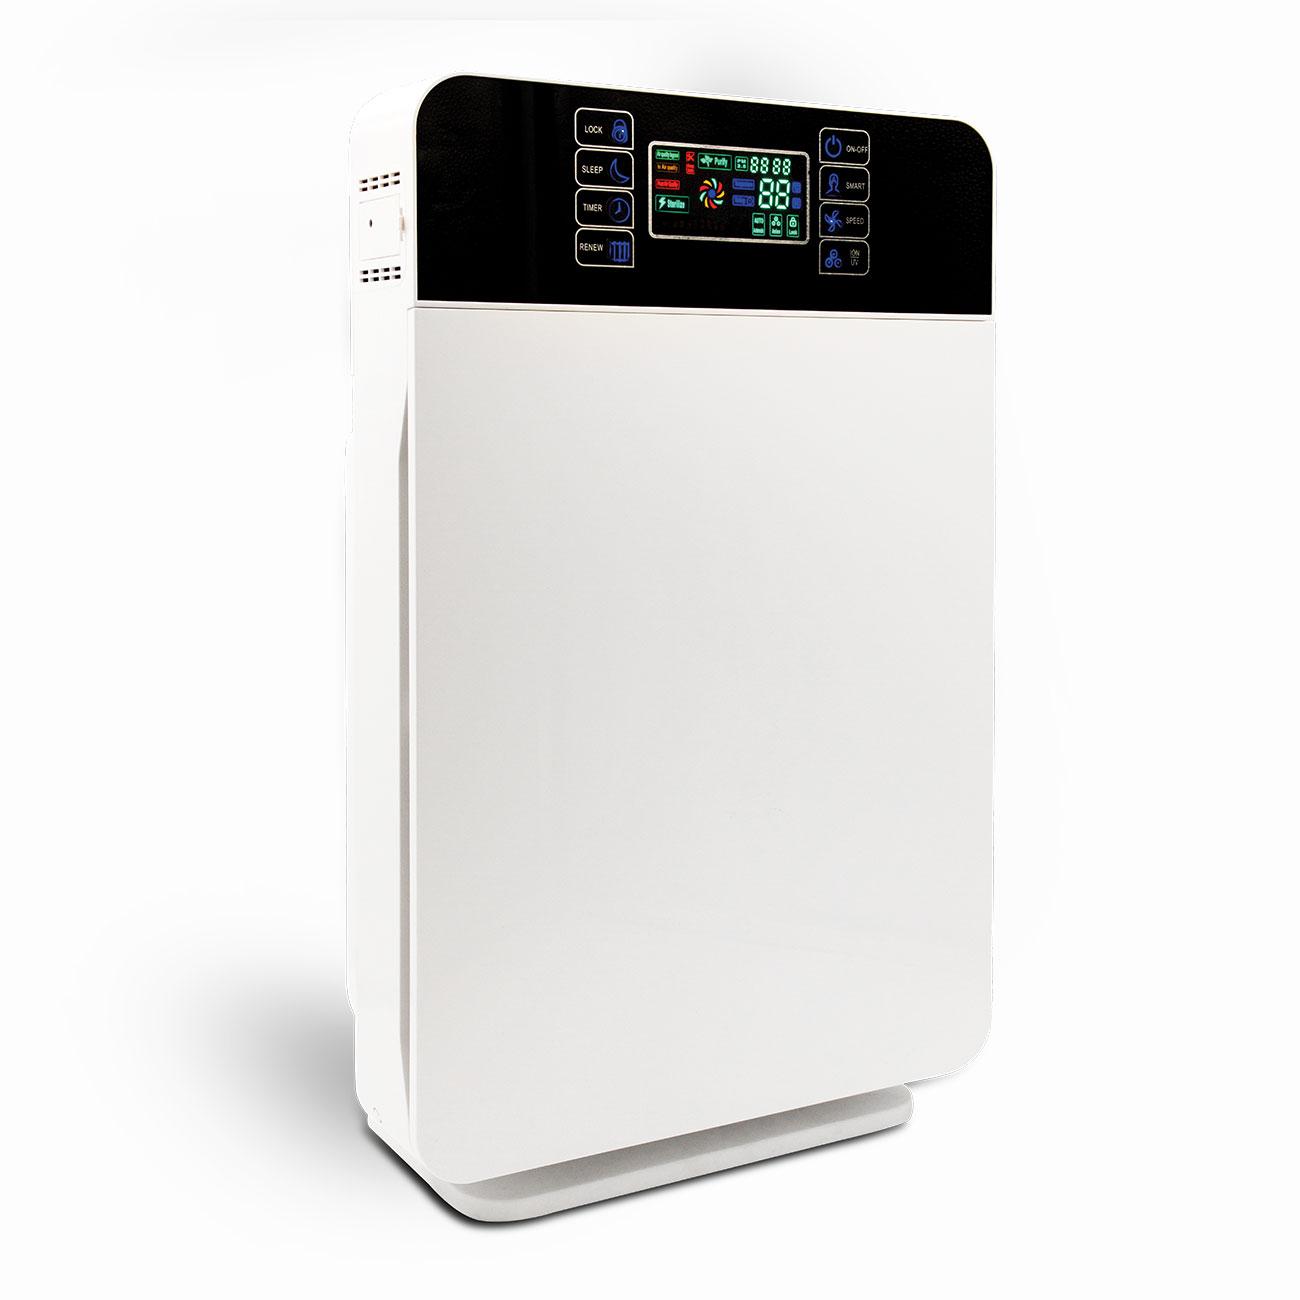 Der 6-in-1 Luftreiniger sorgt in kürzester Zeit für saubere Luft in Ihrem Zuhause.